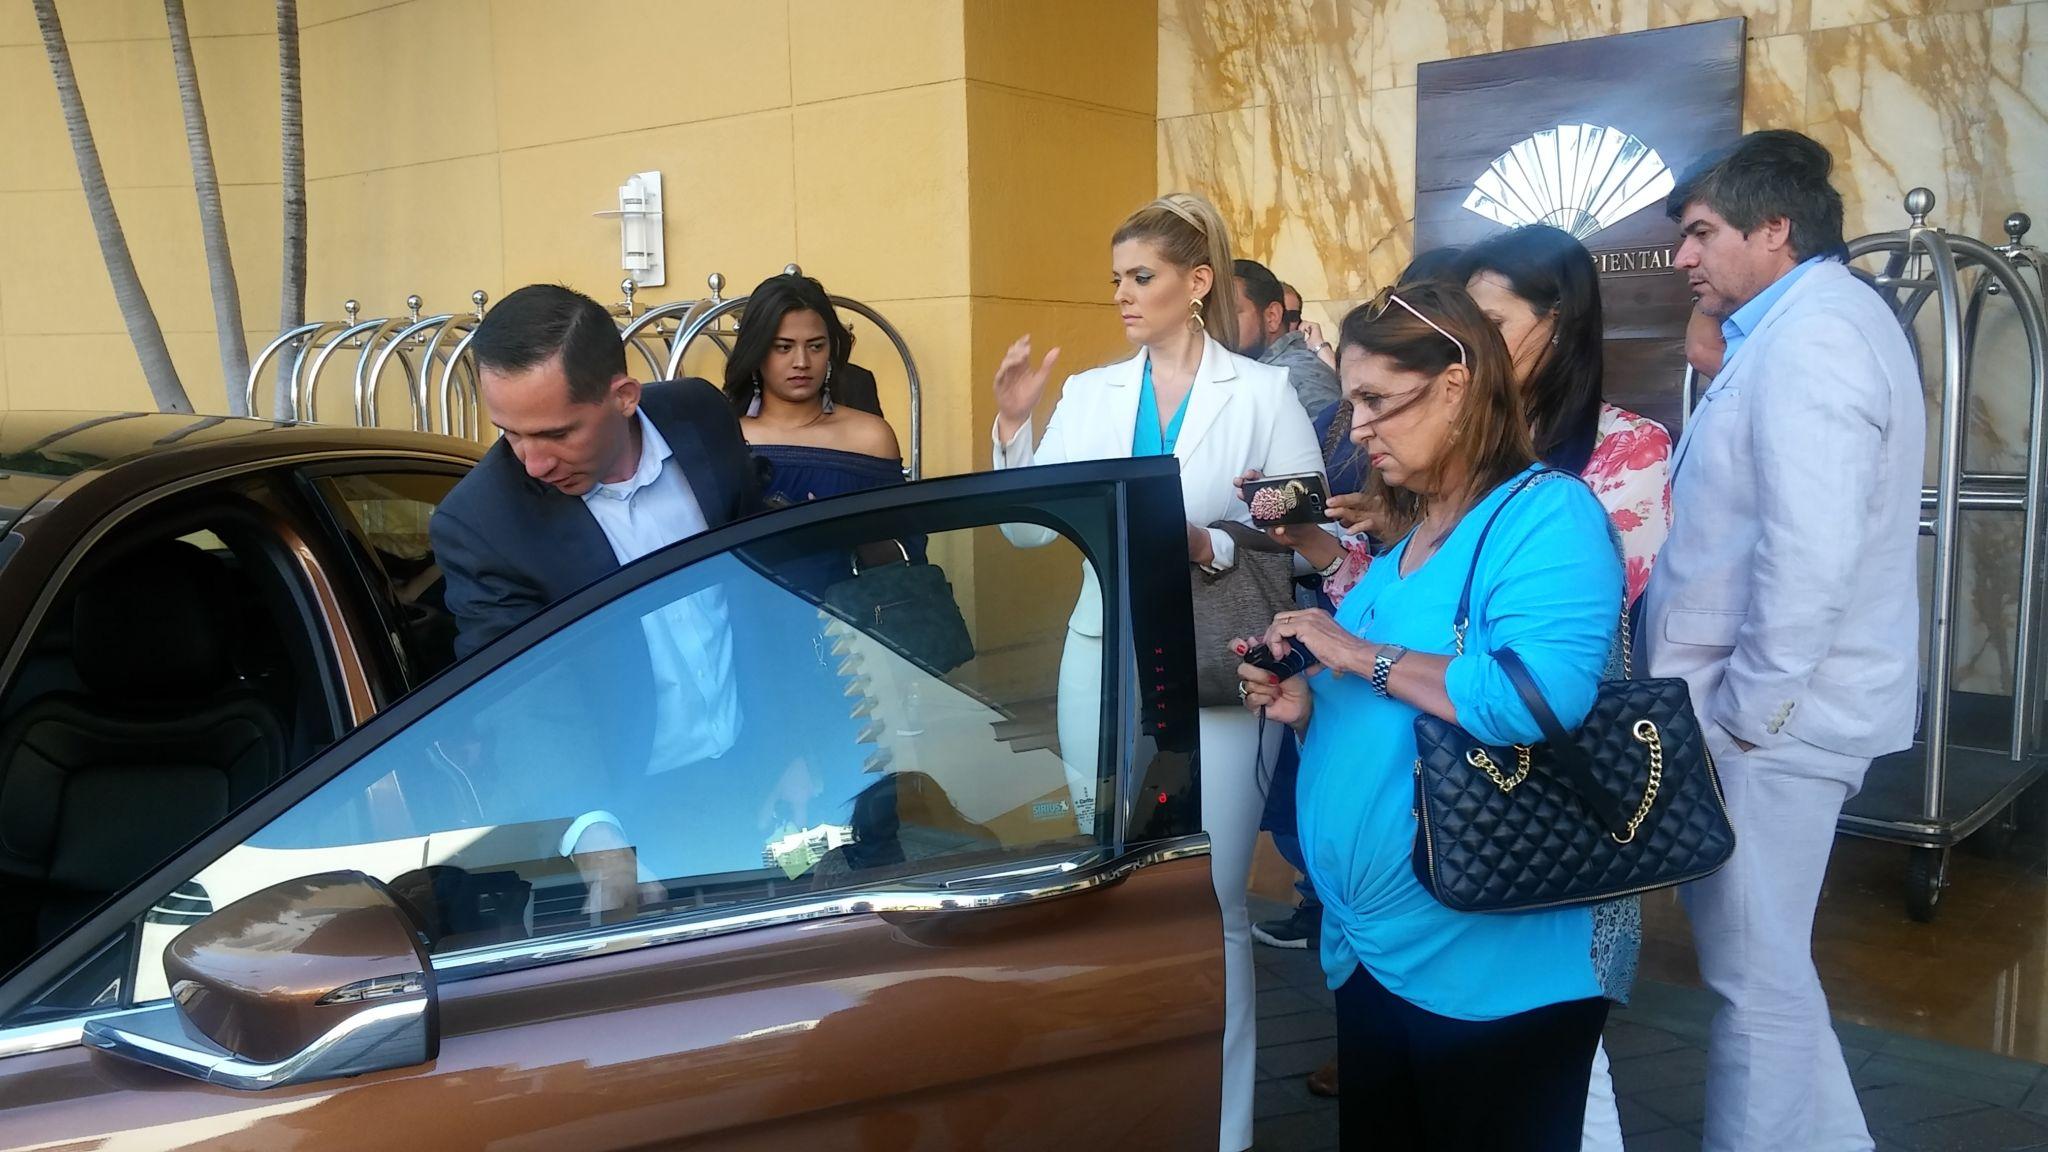 Un grupo de comunicadores de Miami reciben intrucciones antes de realizar la prueba de manejo